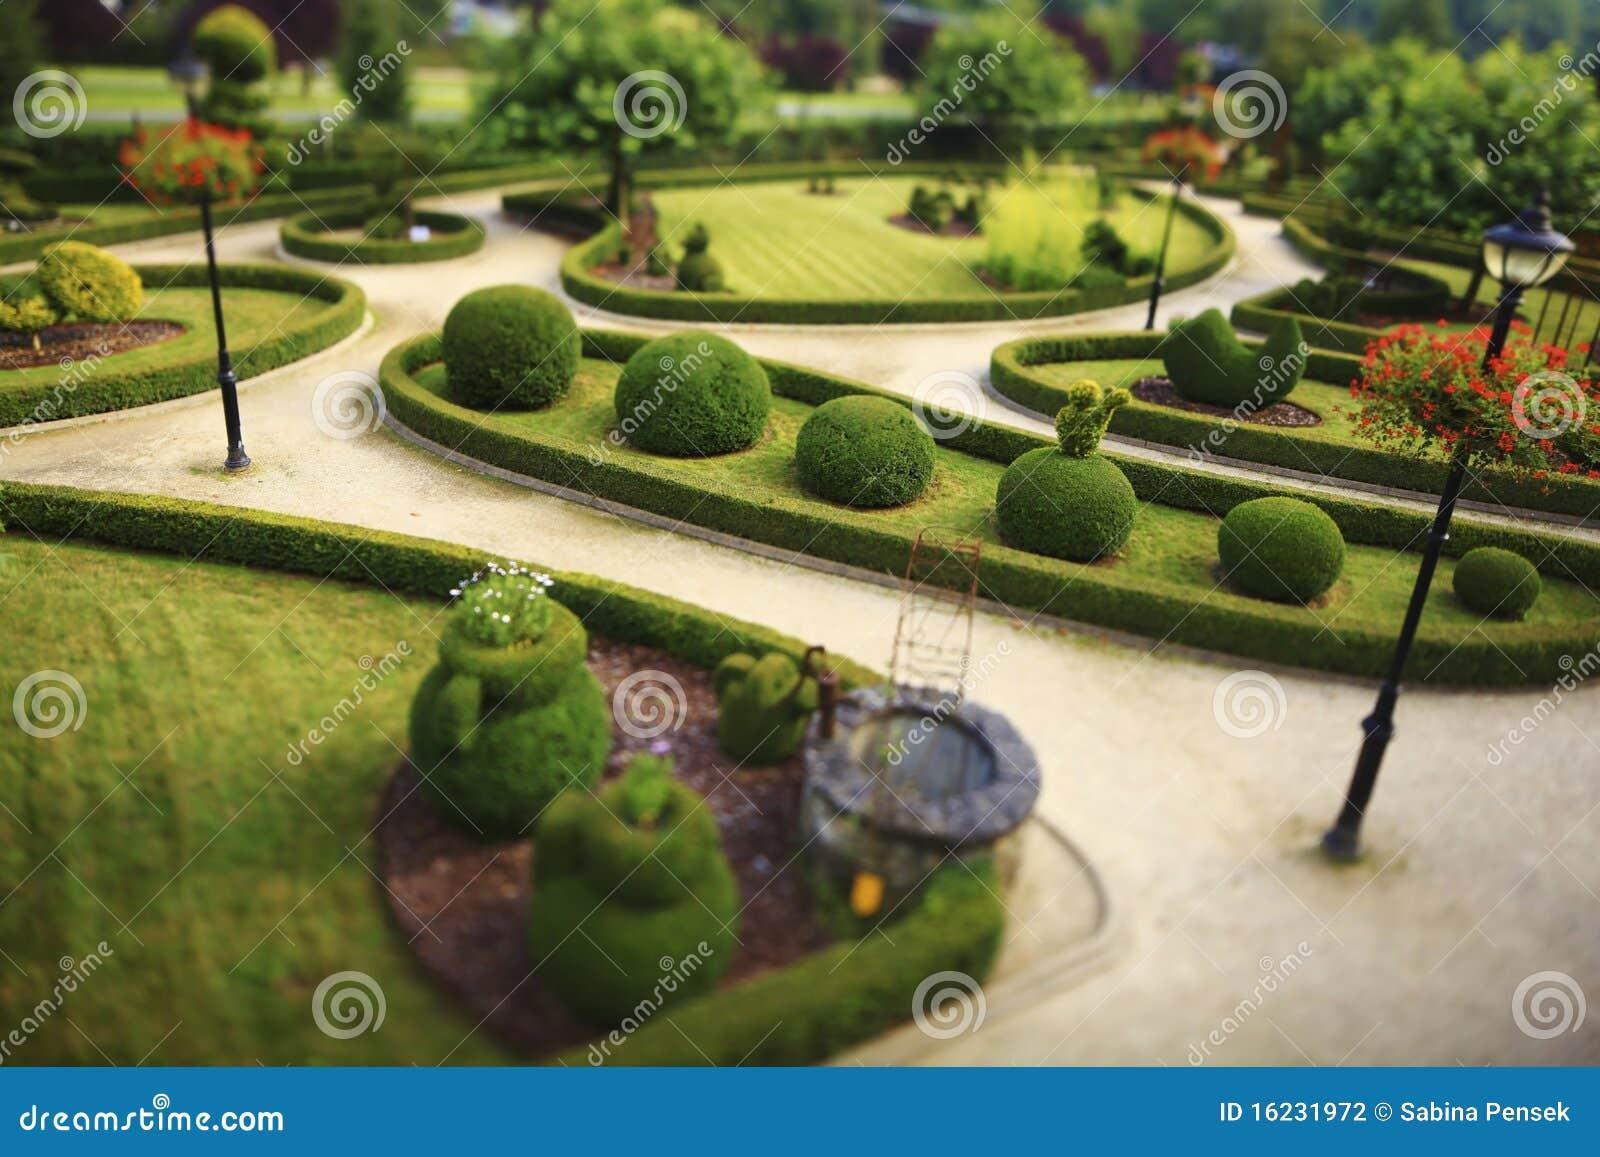 Giardino pubblico con i cespugli tagliati fotografia stock for Cespugli giardino